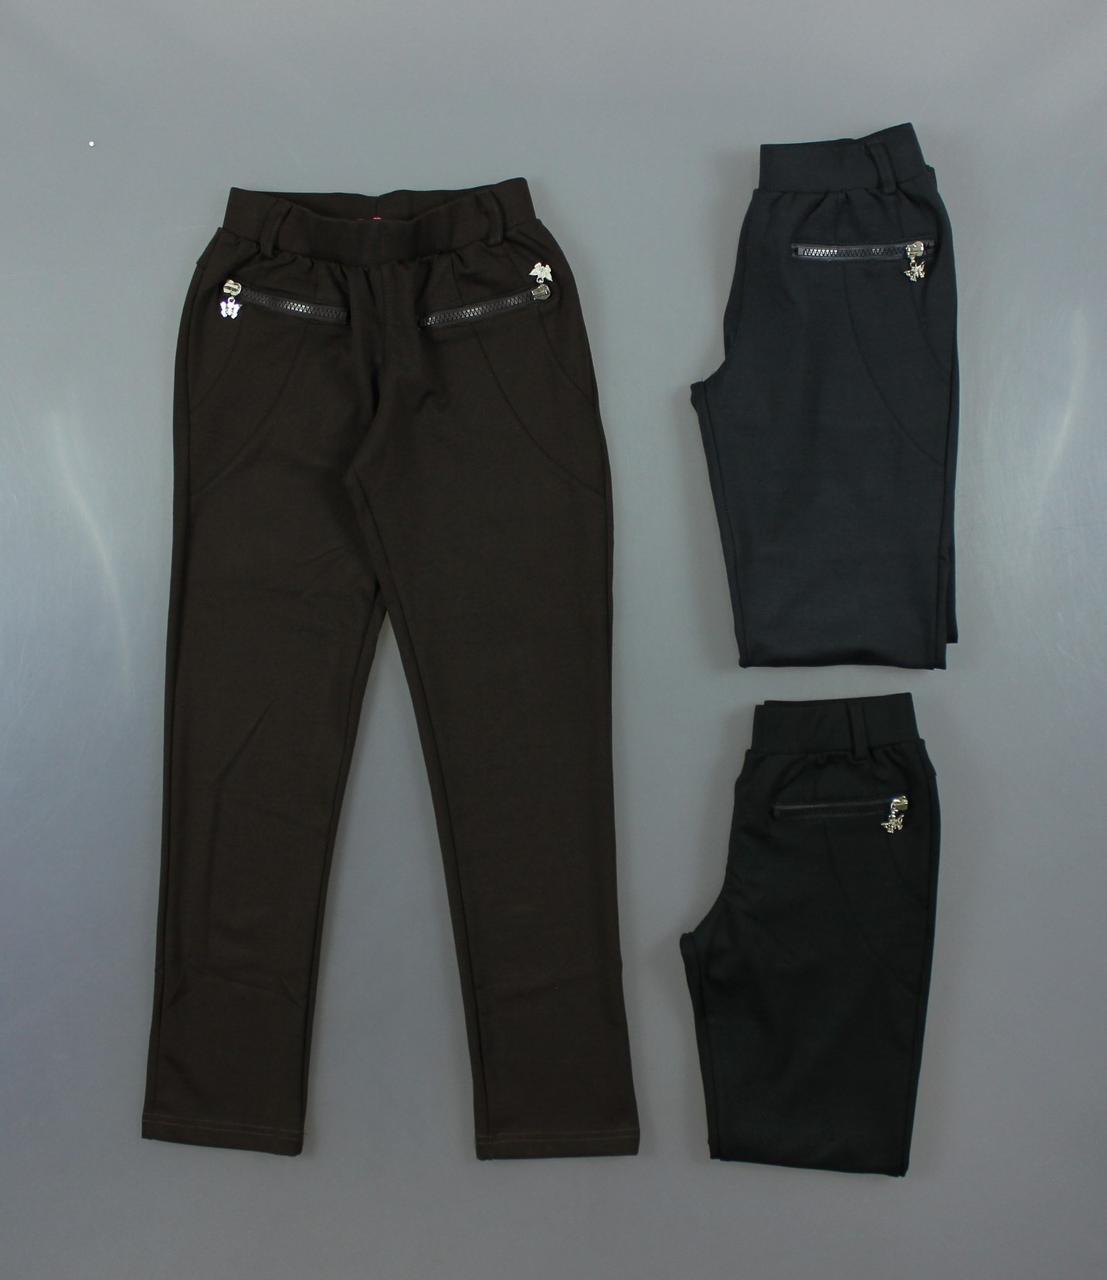 {есть:116,146} Трикотажные брюки для девочек S&D, 116-146 рр. Артикул: CH2200 [116]